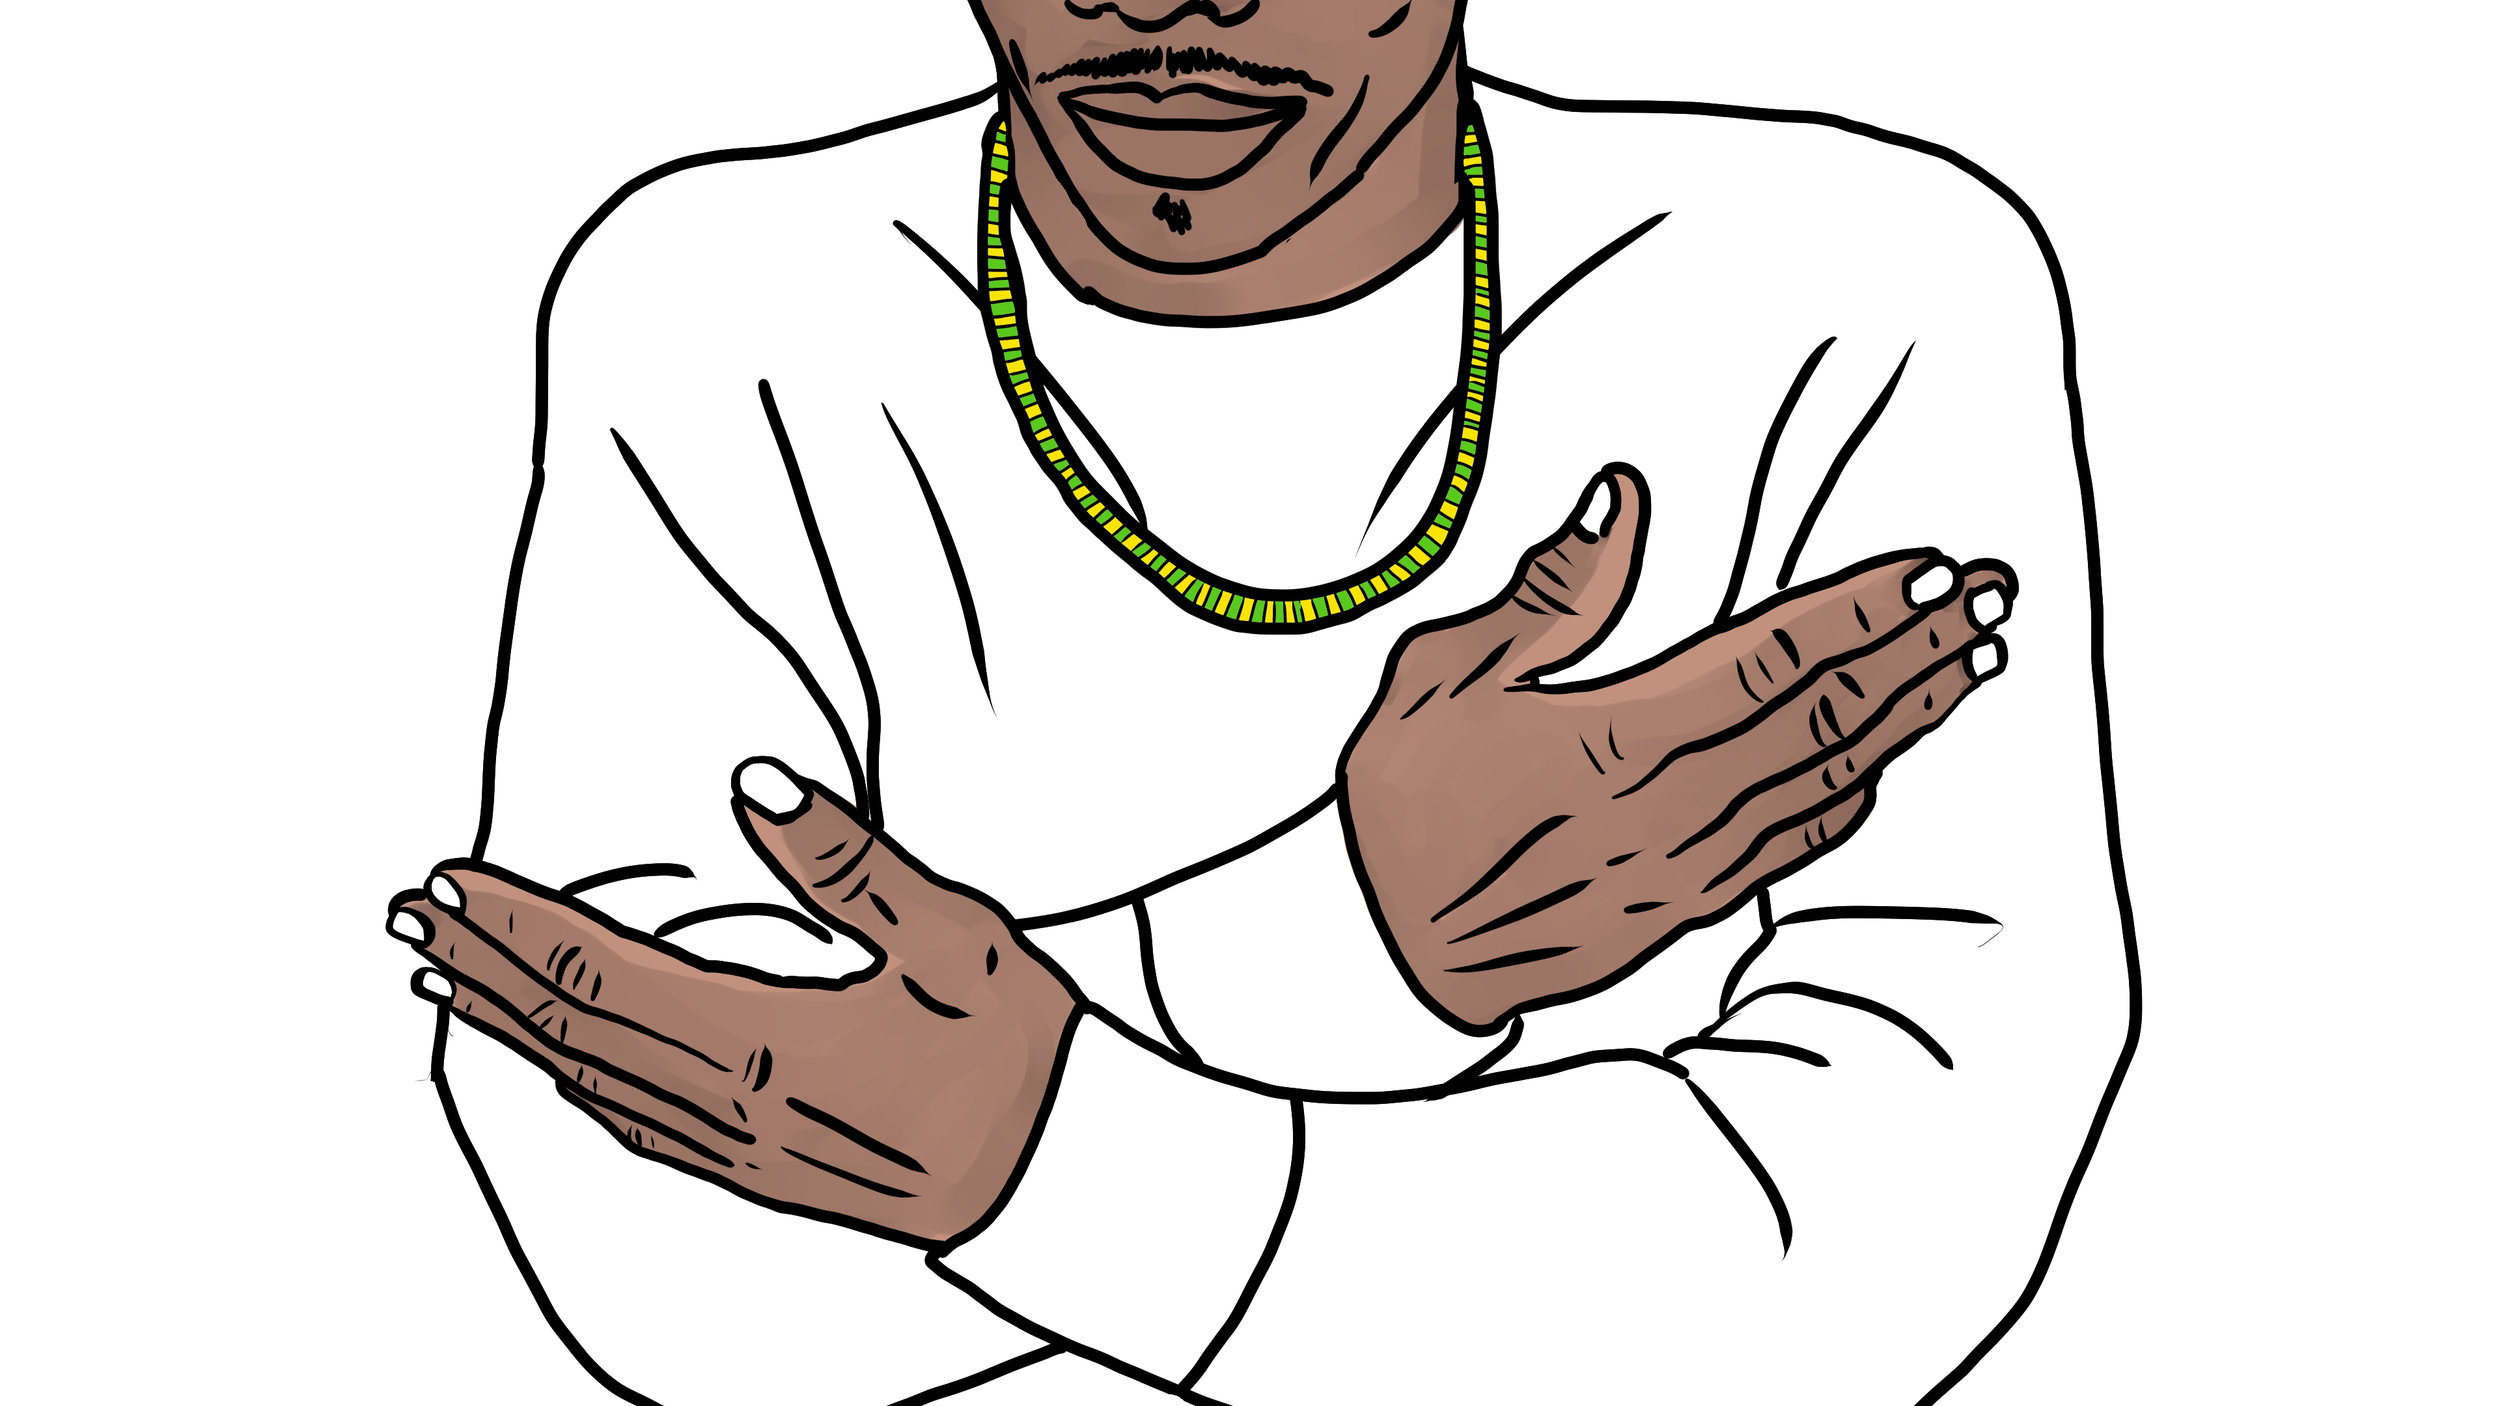 no way, yoruba, orisha image, orisha t-shirts, orisha clothing, orisha blog, yoruba blog